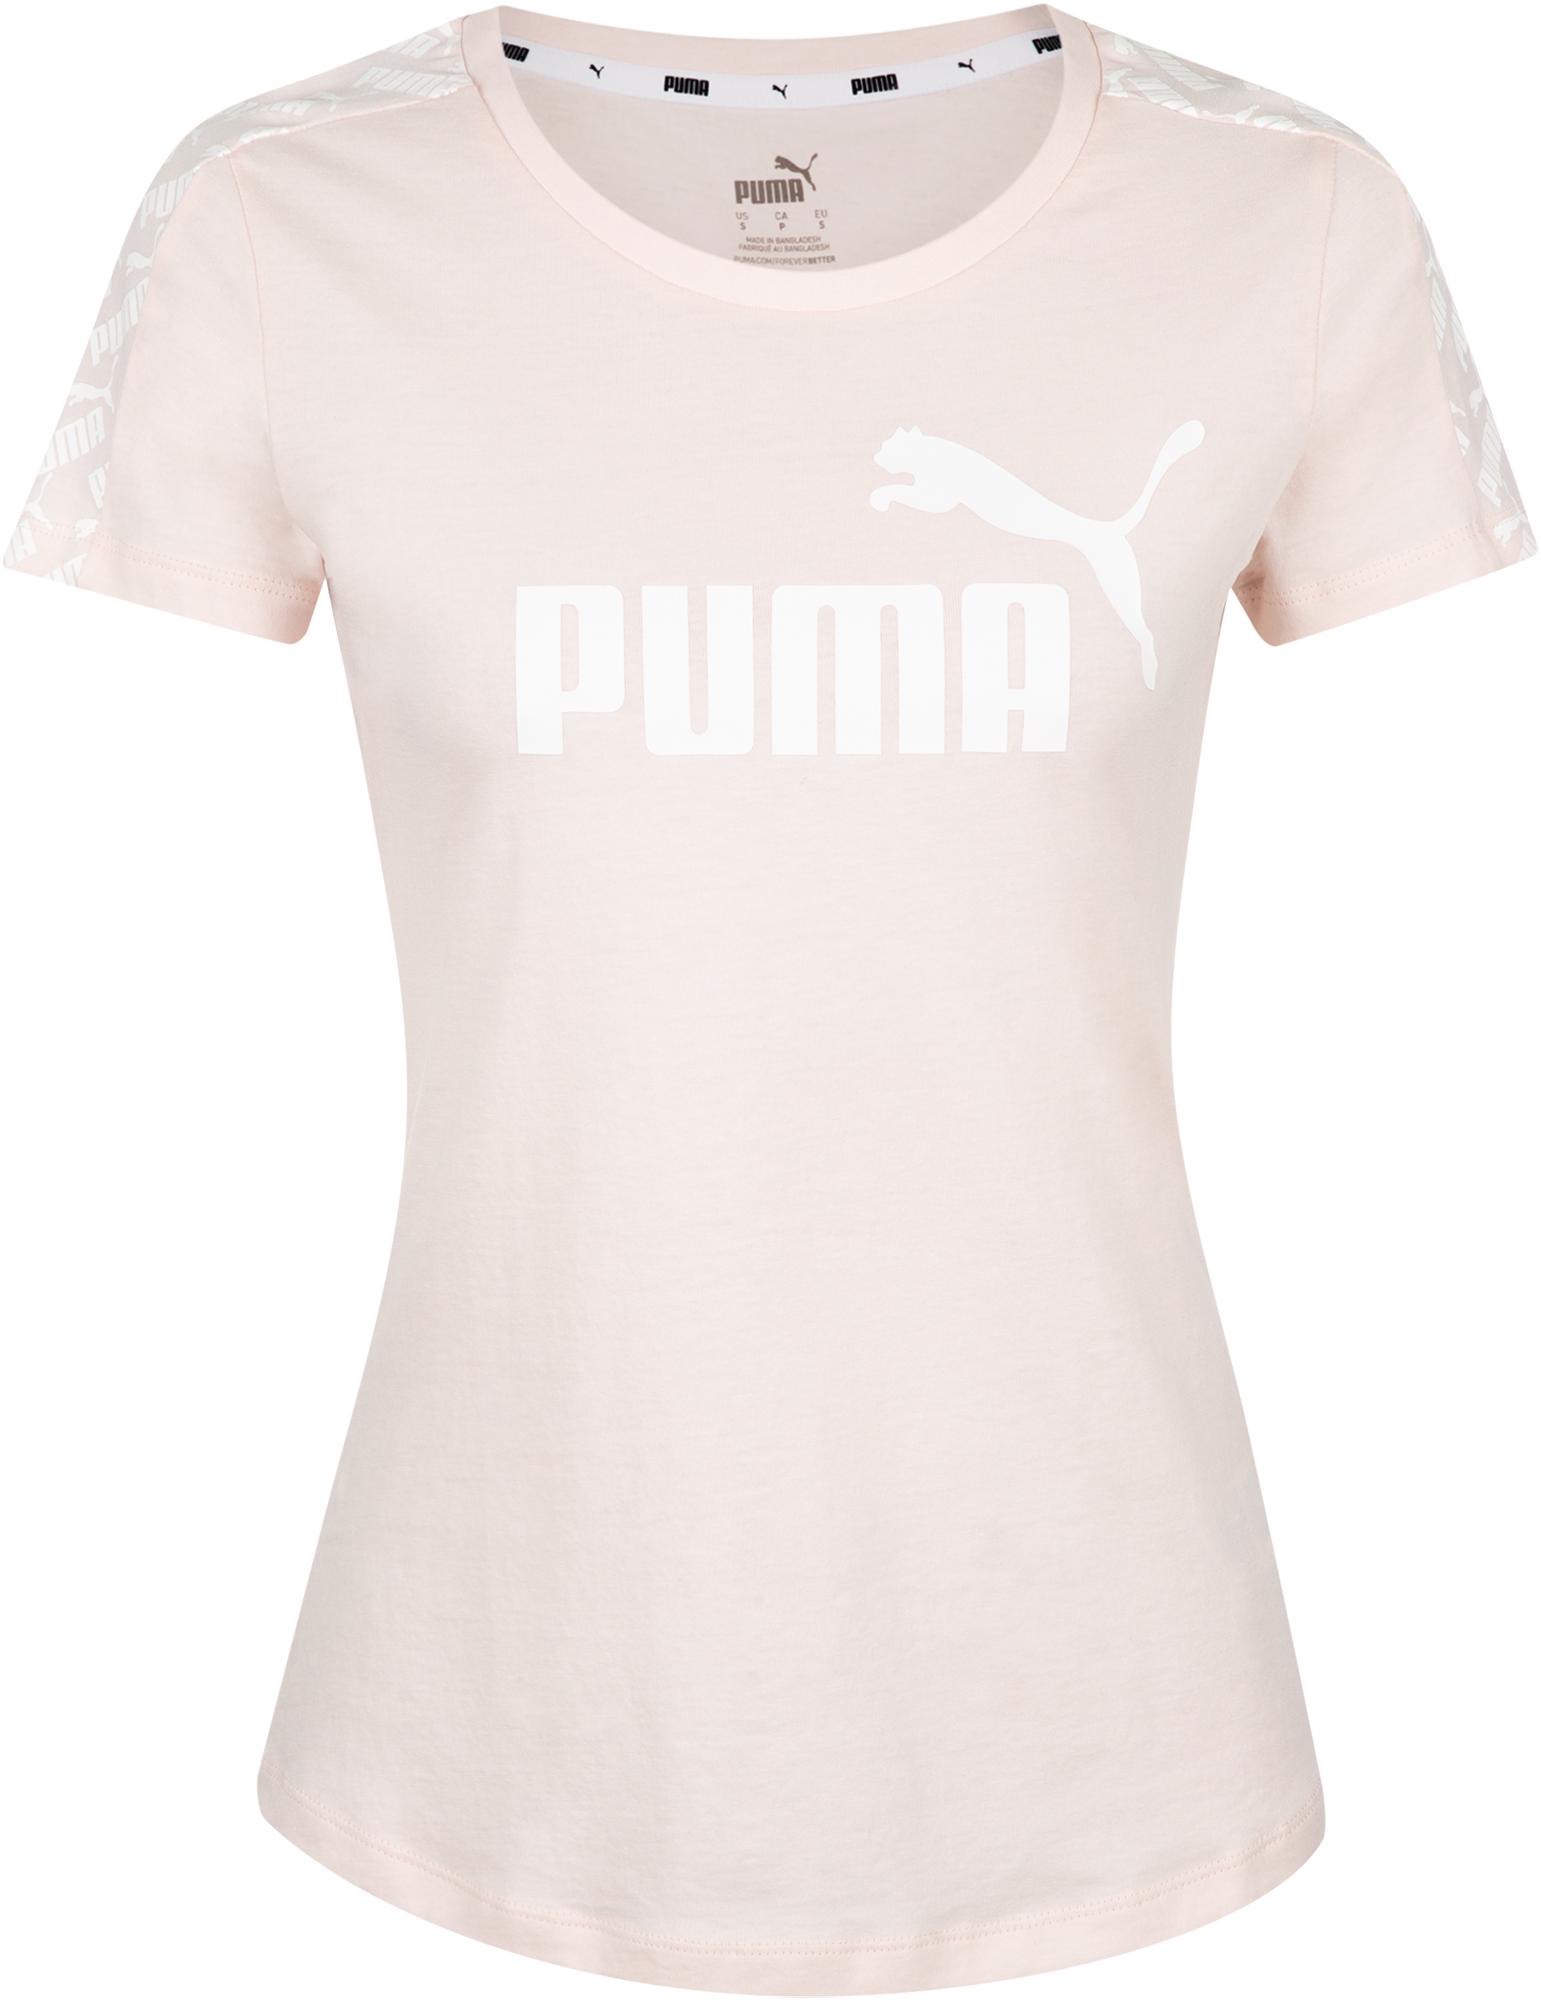 PUMA Футболка женская Puma Amplified Tee, размер 44-46 шапка женская puma archive wm fold beanie цвет серый 02133402 размер универсальный